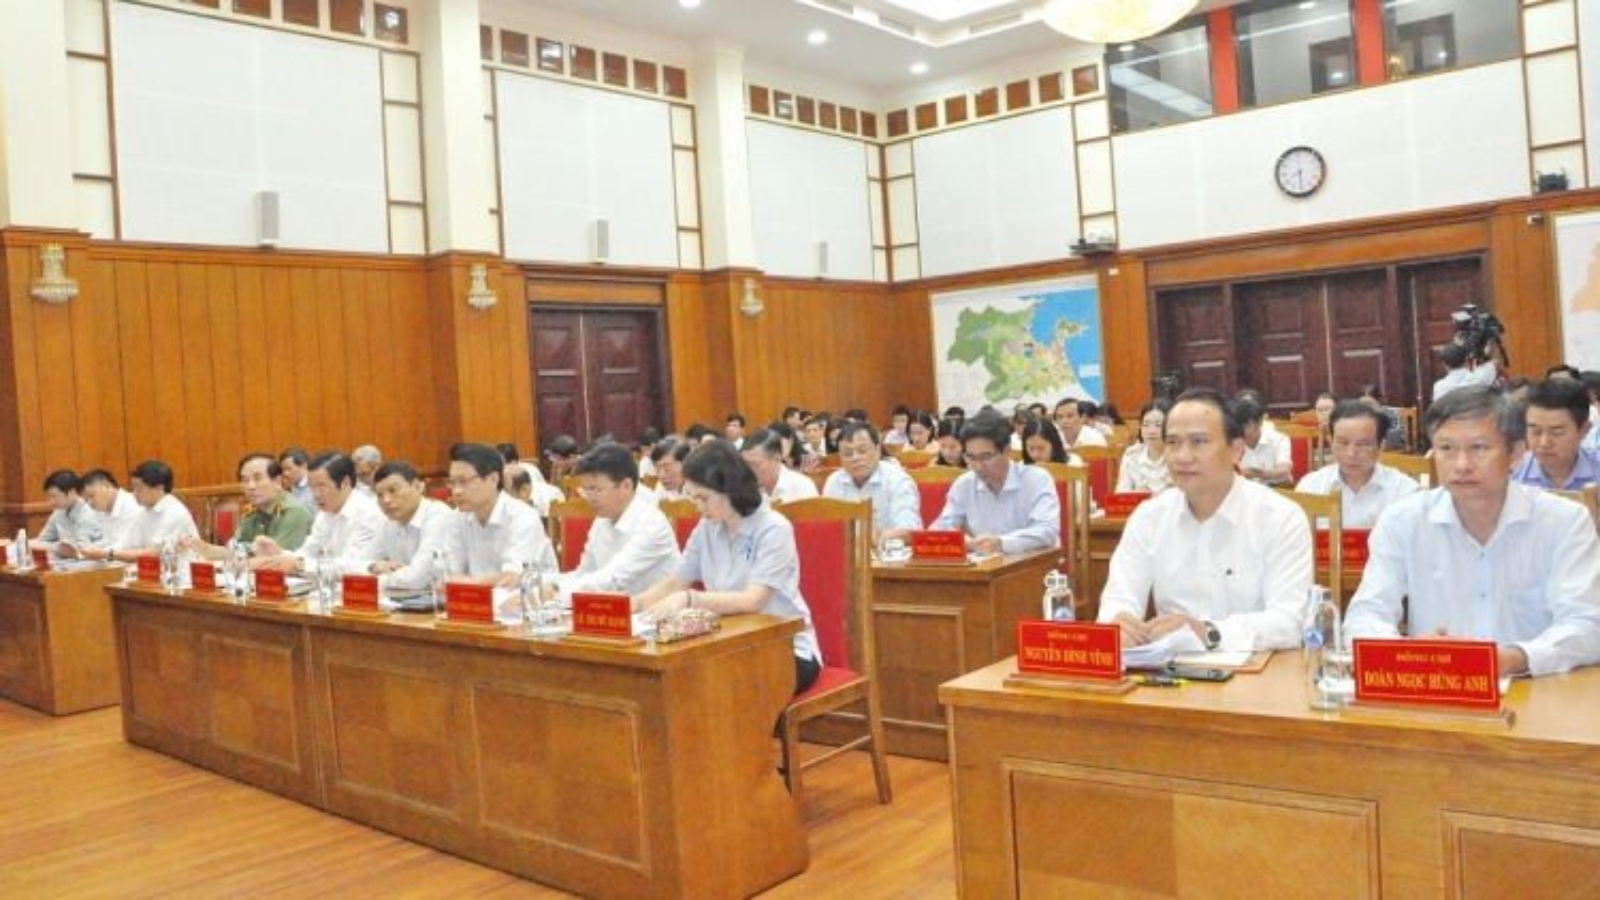 Kinh tế Đà Nẵng từng bước phục hồi, thu ngân sách đảm bảo